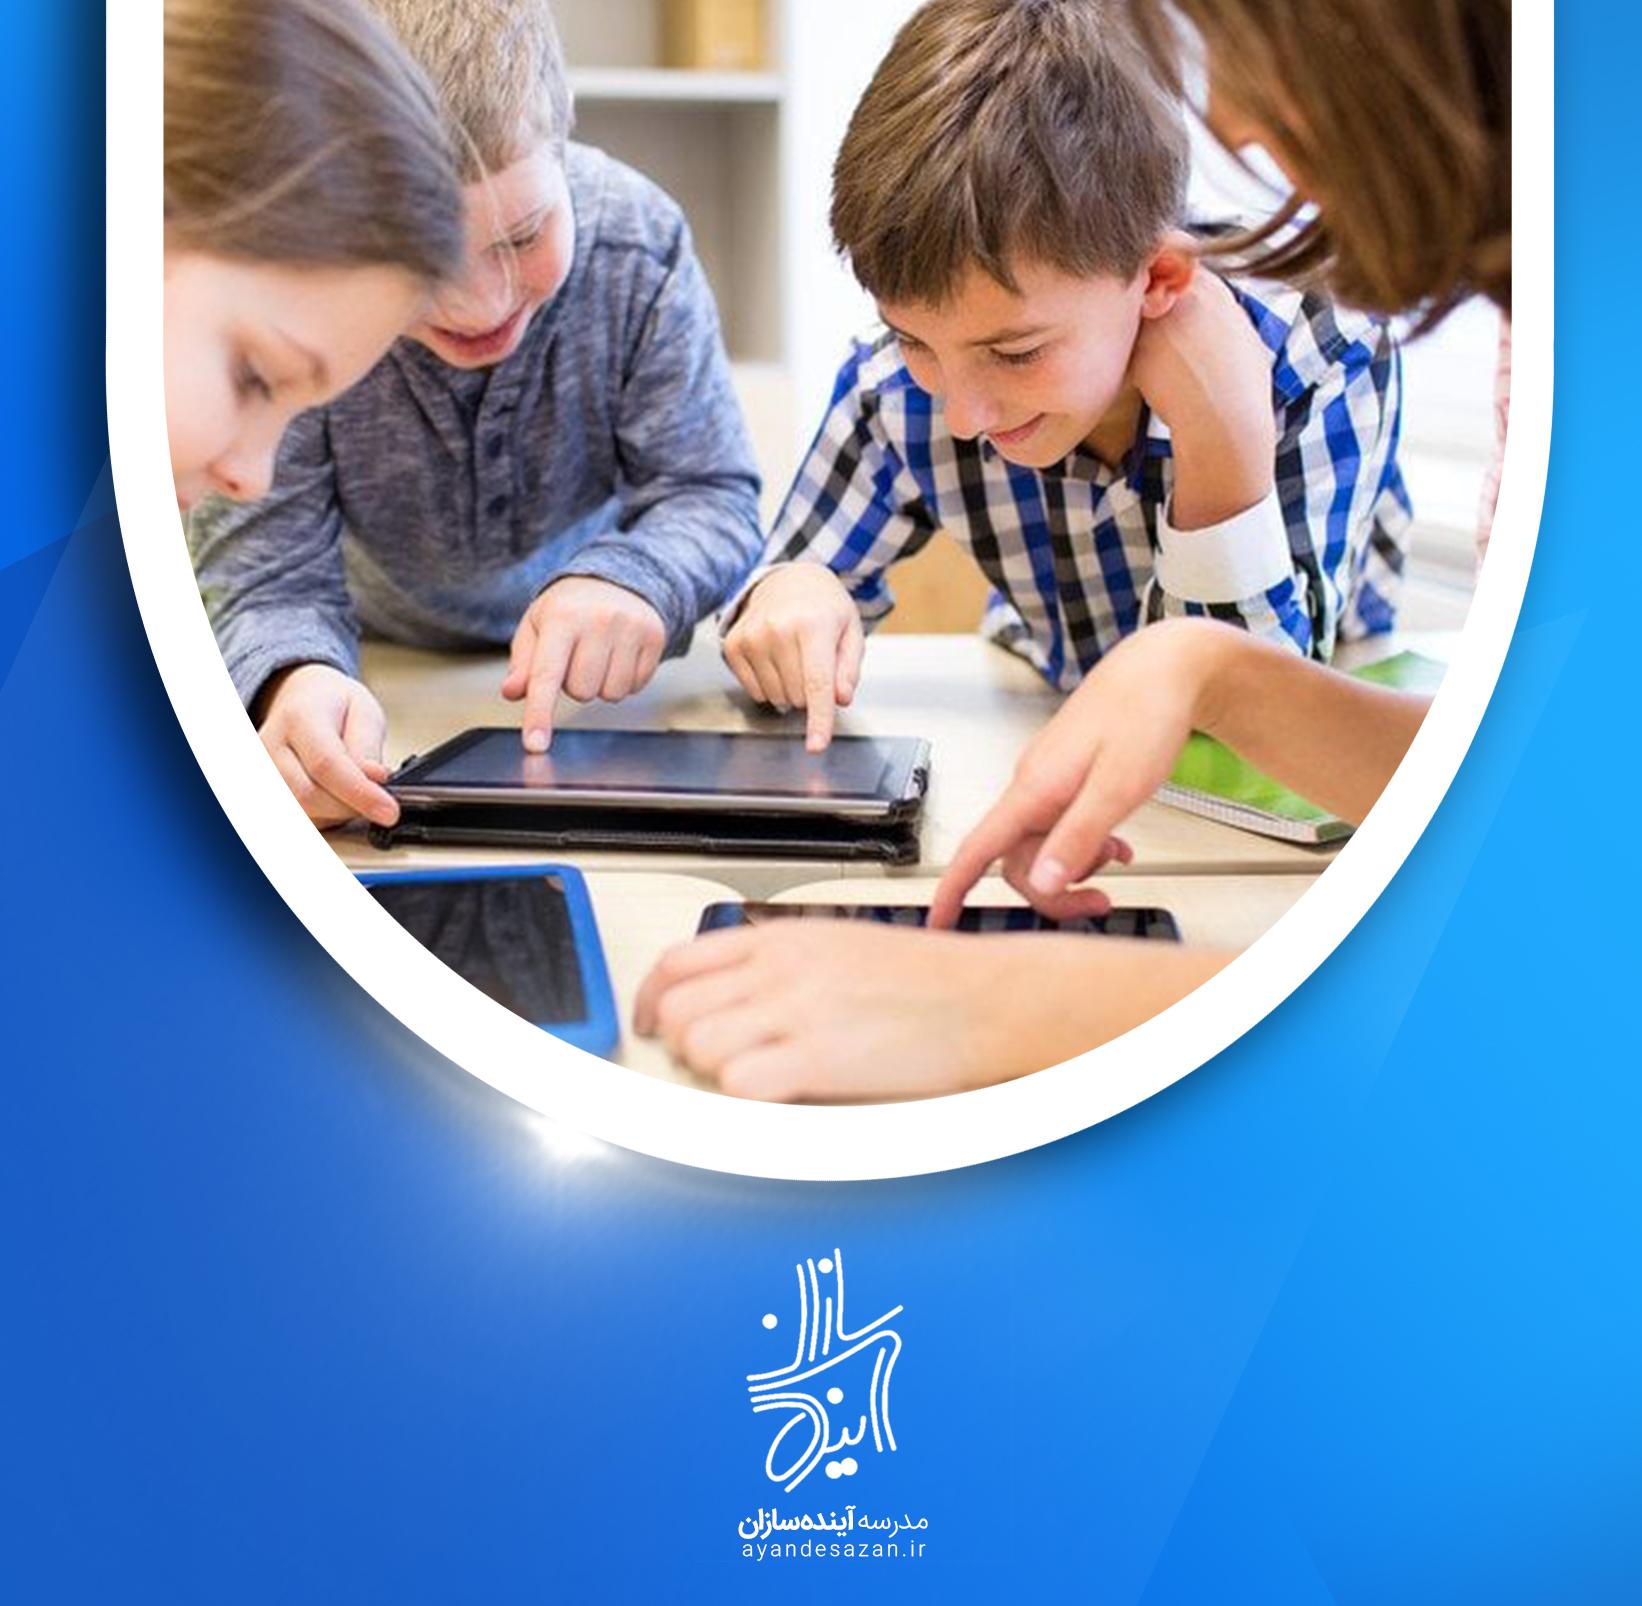 راههای افزایش یادگیری در کلاس درس